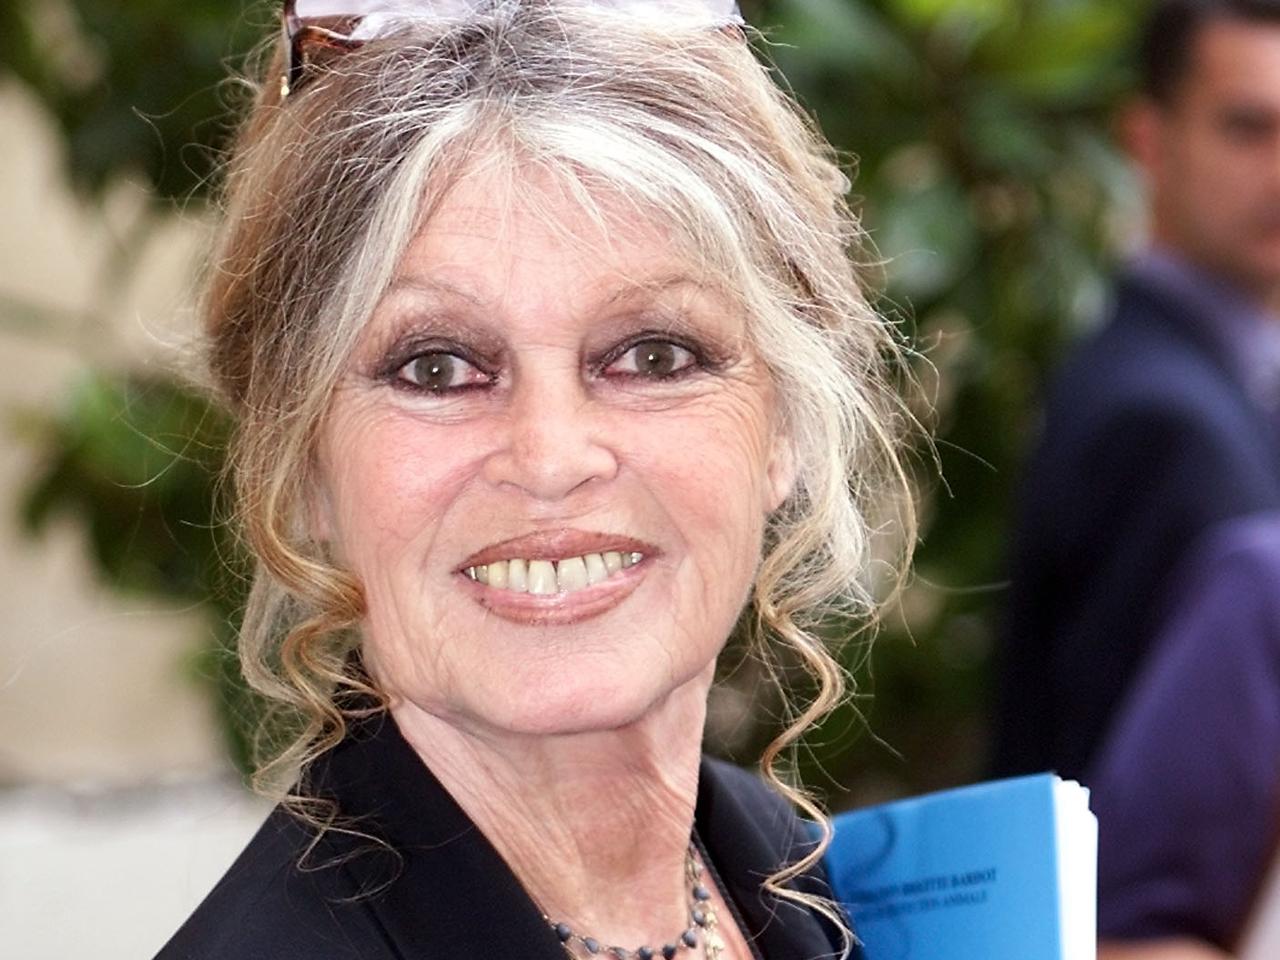 Brigitte bardot threatens to join gerard depardieu in russian exile cbs news - Maison brigitte bardot ...